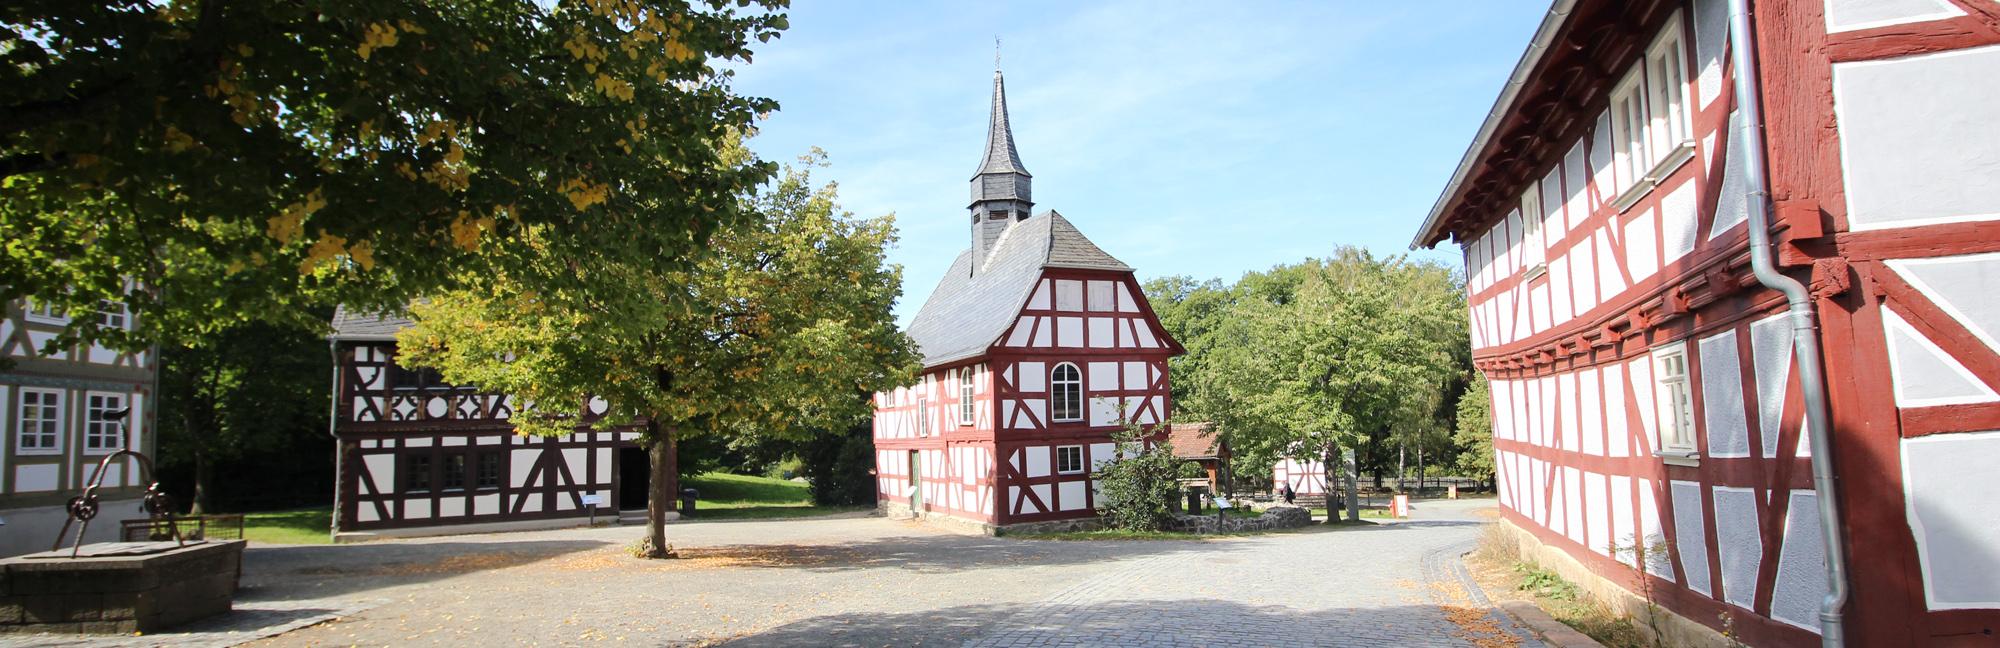 Fachwerkkirche am Dorfplatz mit Brunnen